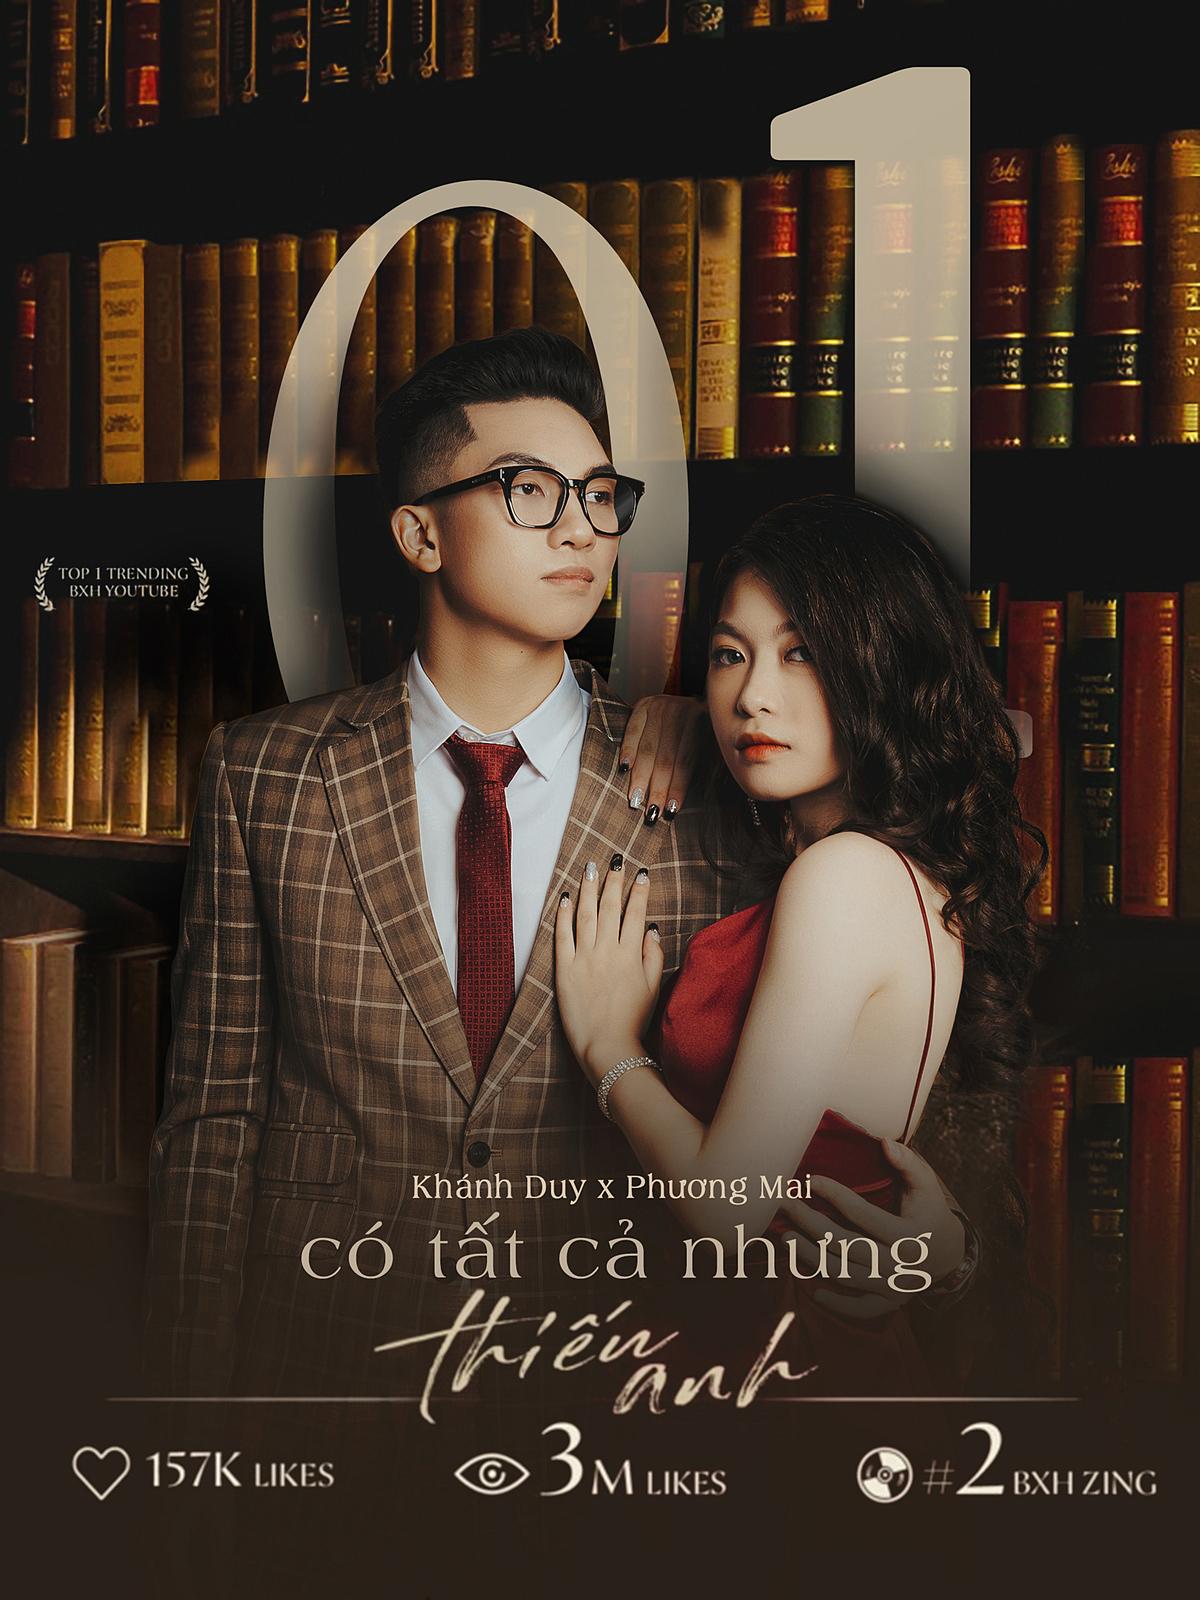 MV Có tất cả nhưng thiếu anh của Nguyễn Phương Mai 10A8 và Chu Khánh Duy 11A13.